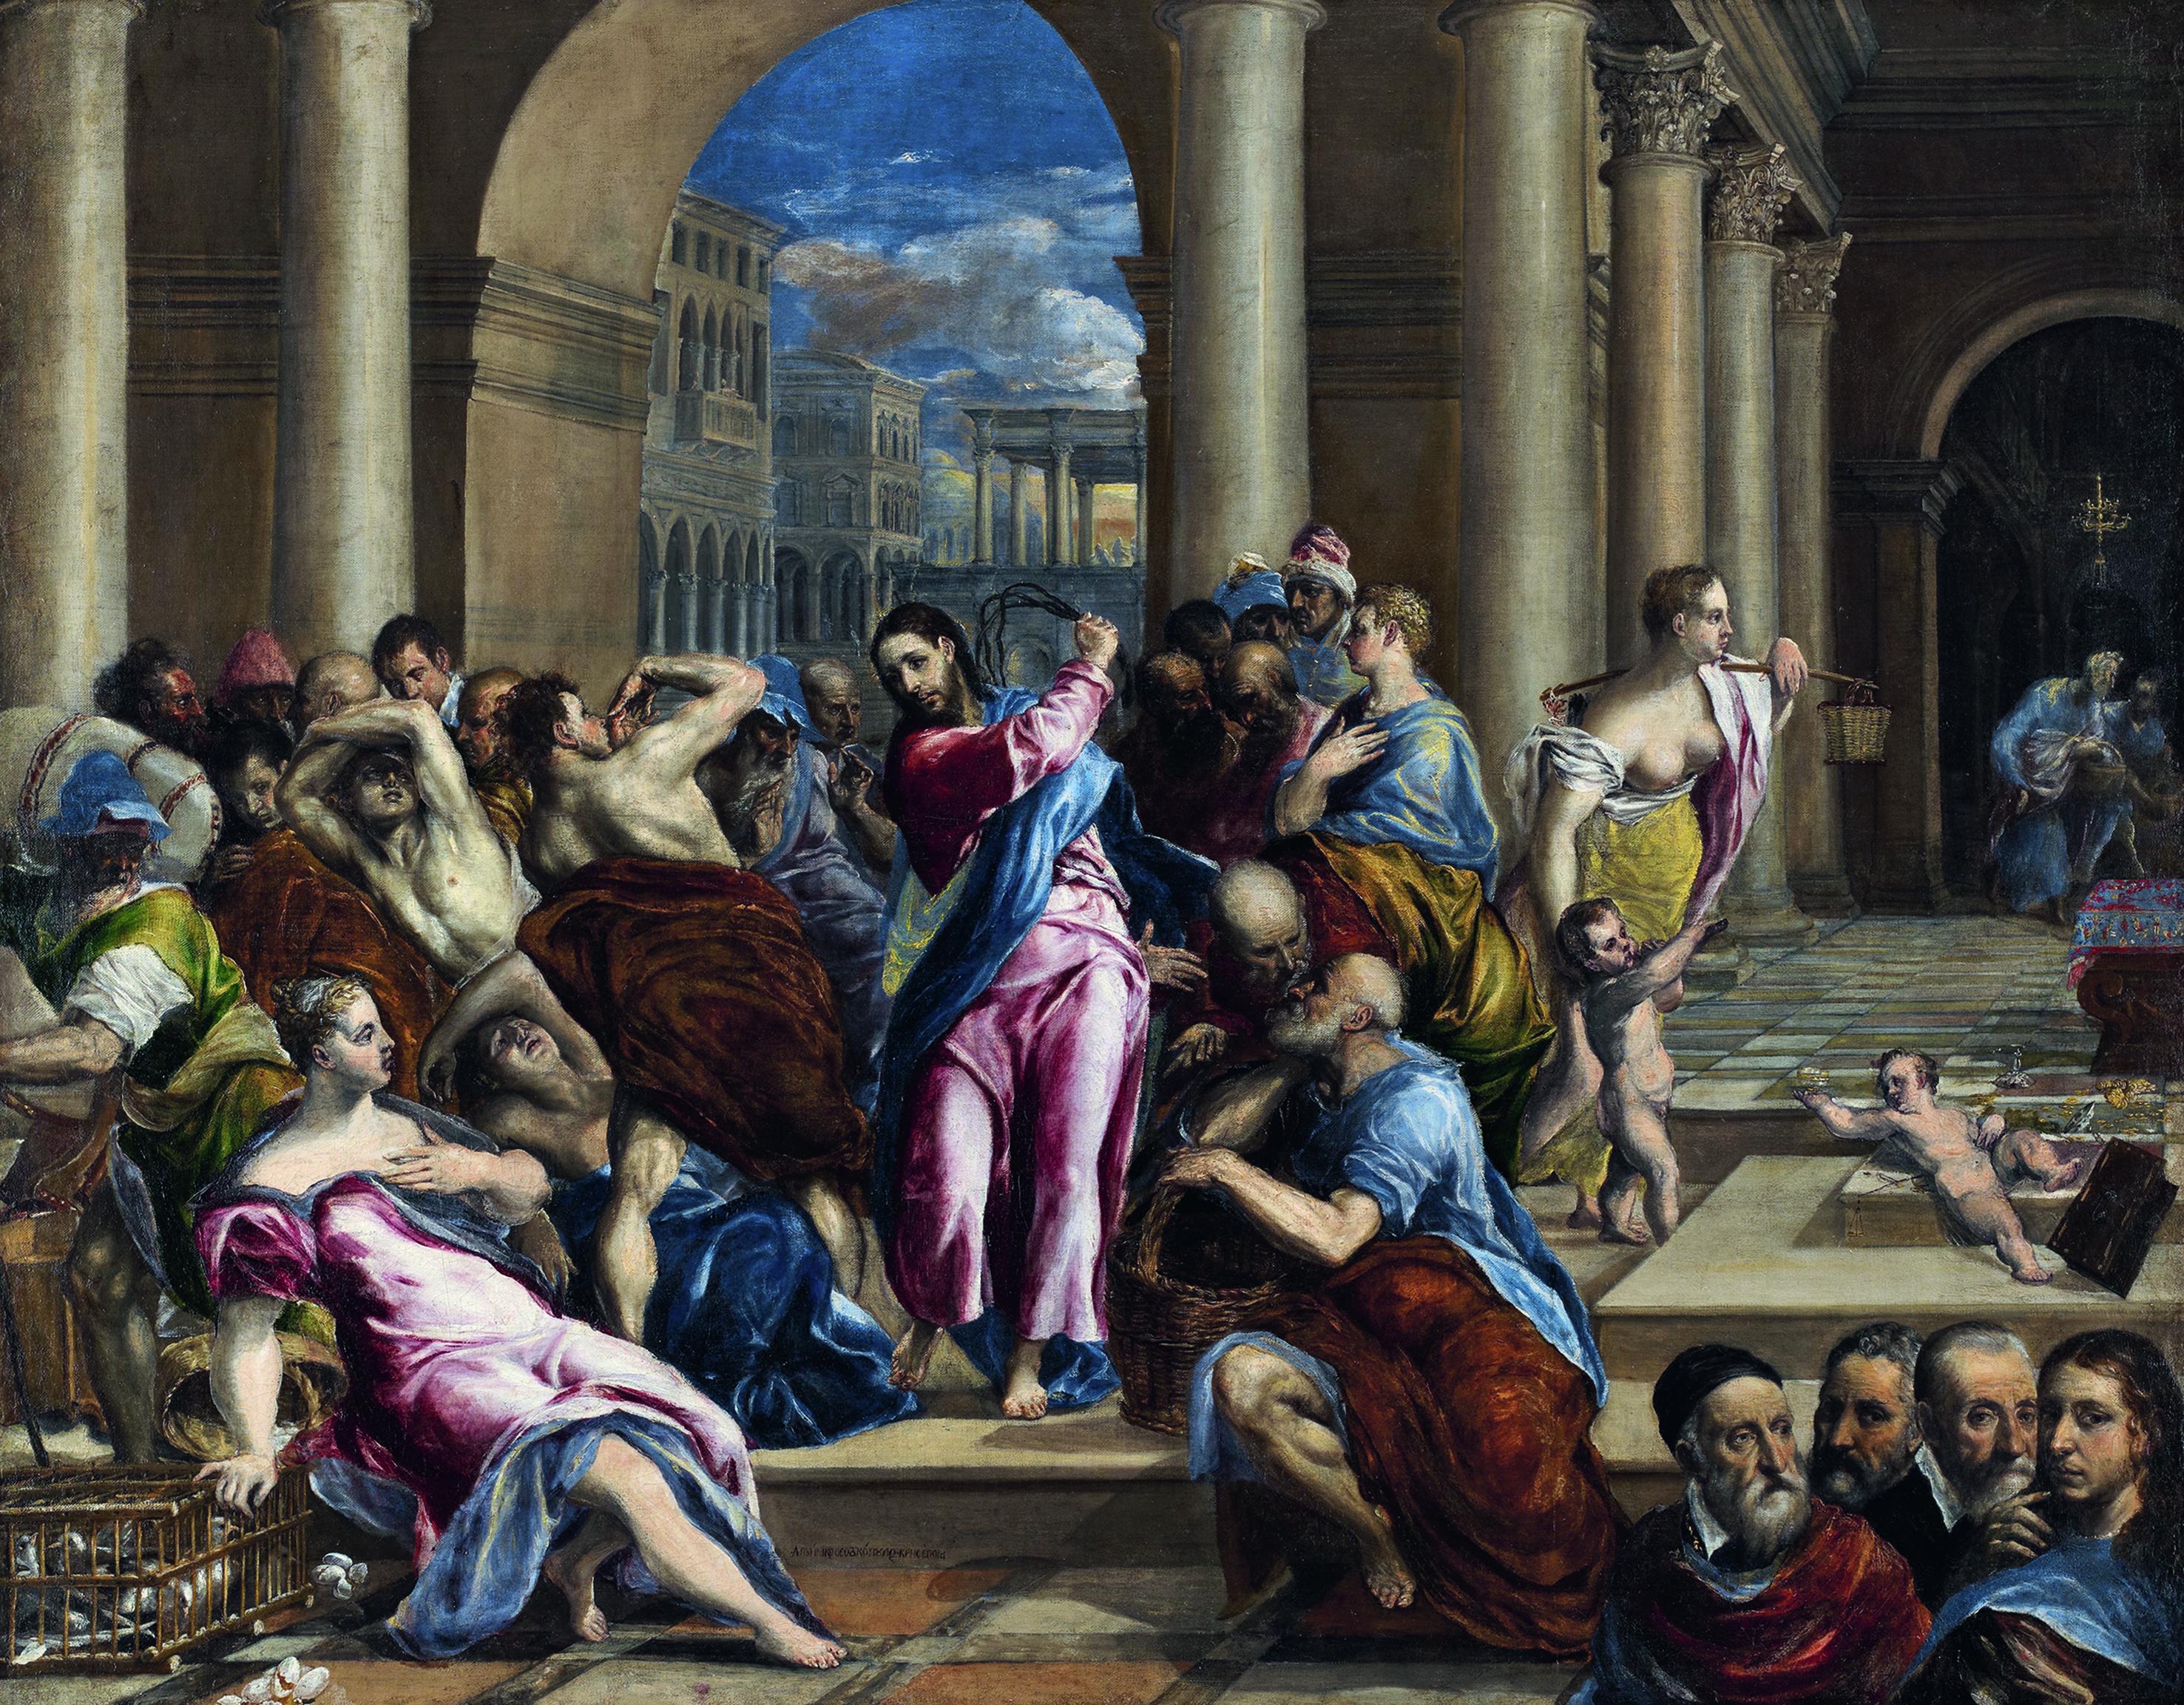 le-christ-chassant-les-marchands-du-temple